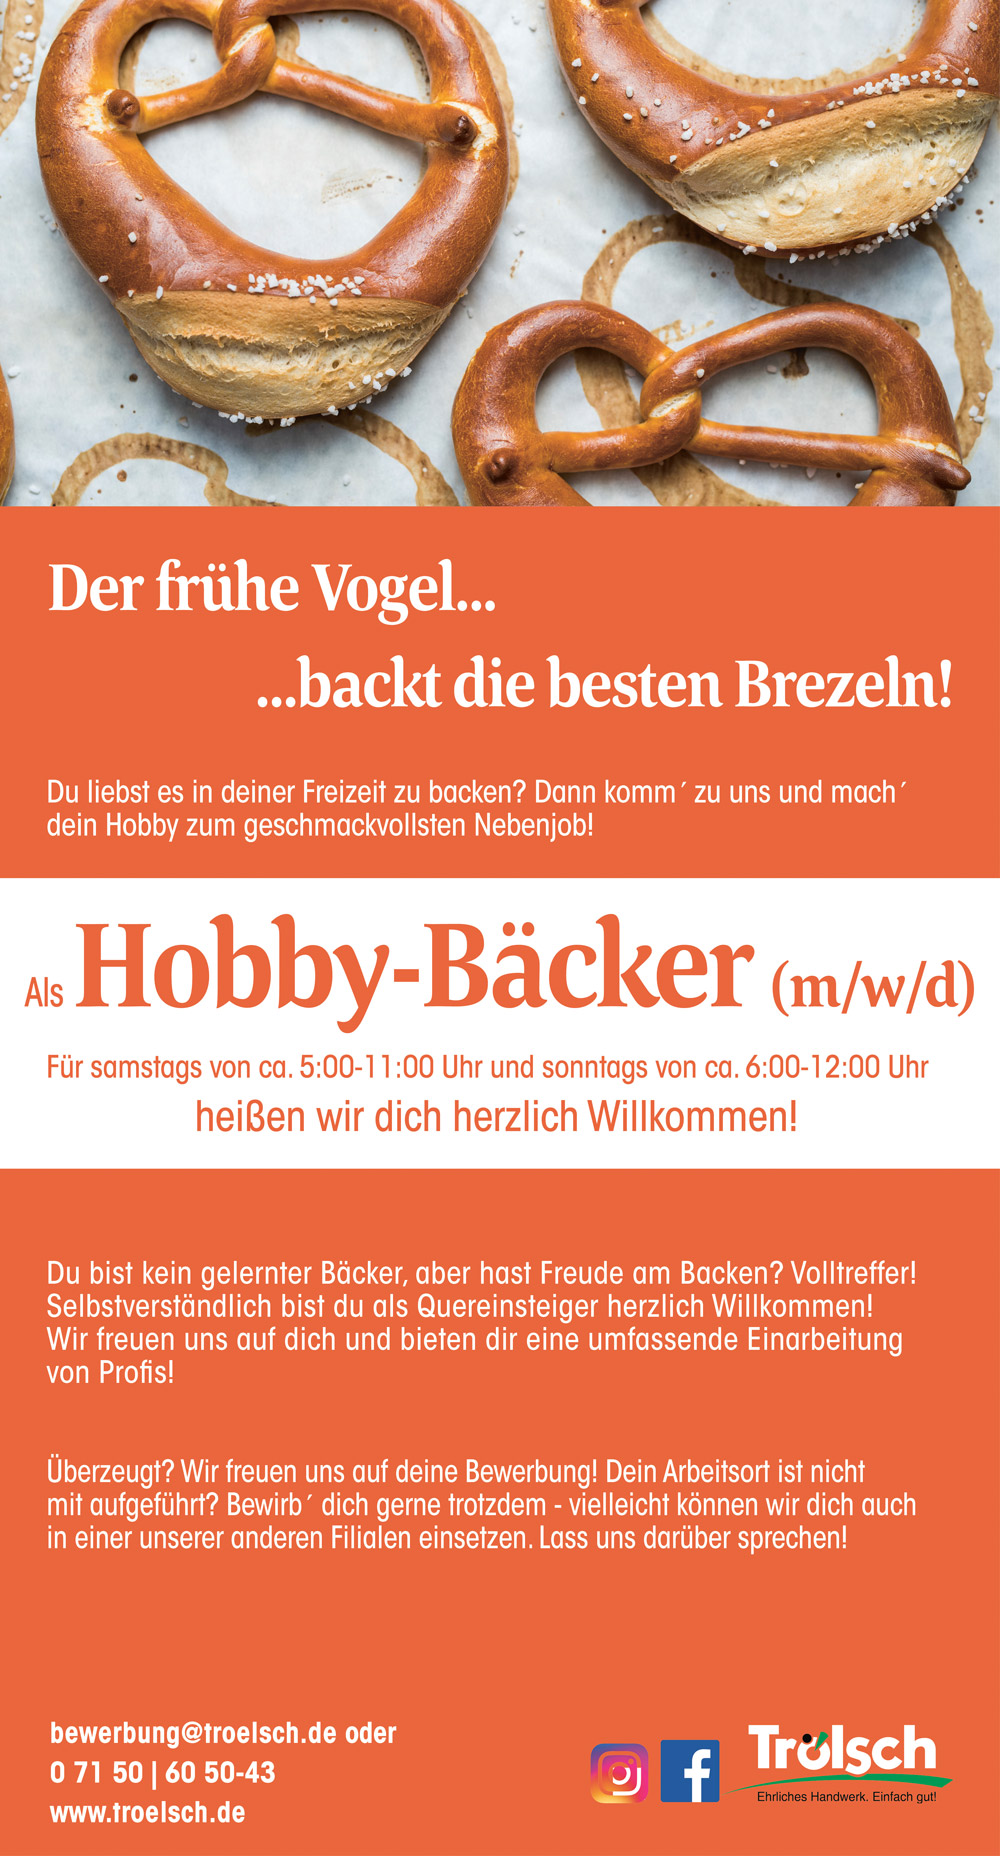 Bild Stellenangebot: Hobby-Bäcker/in